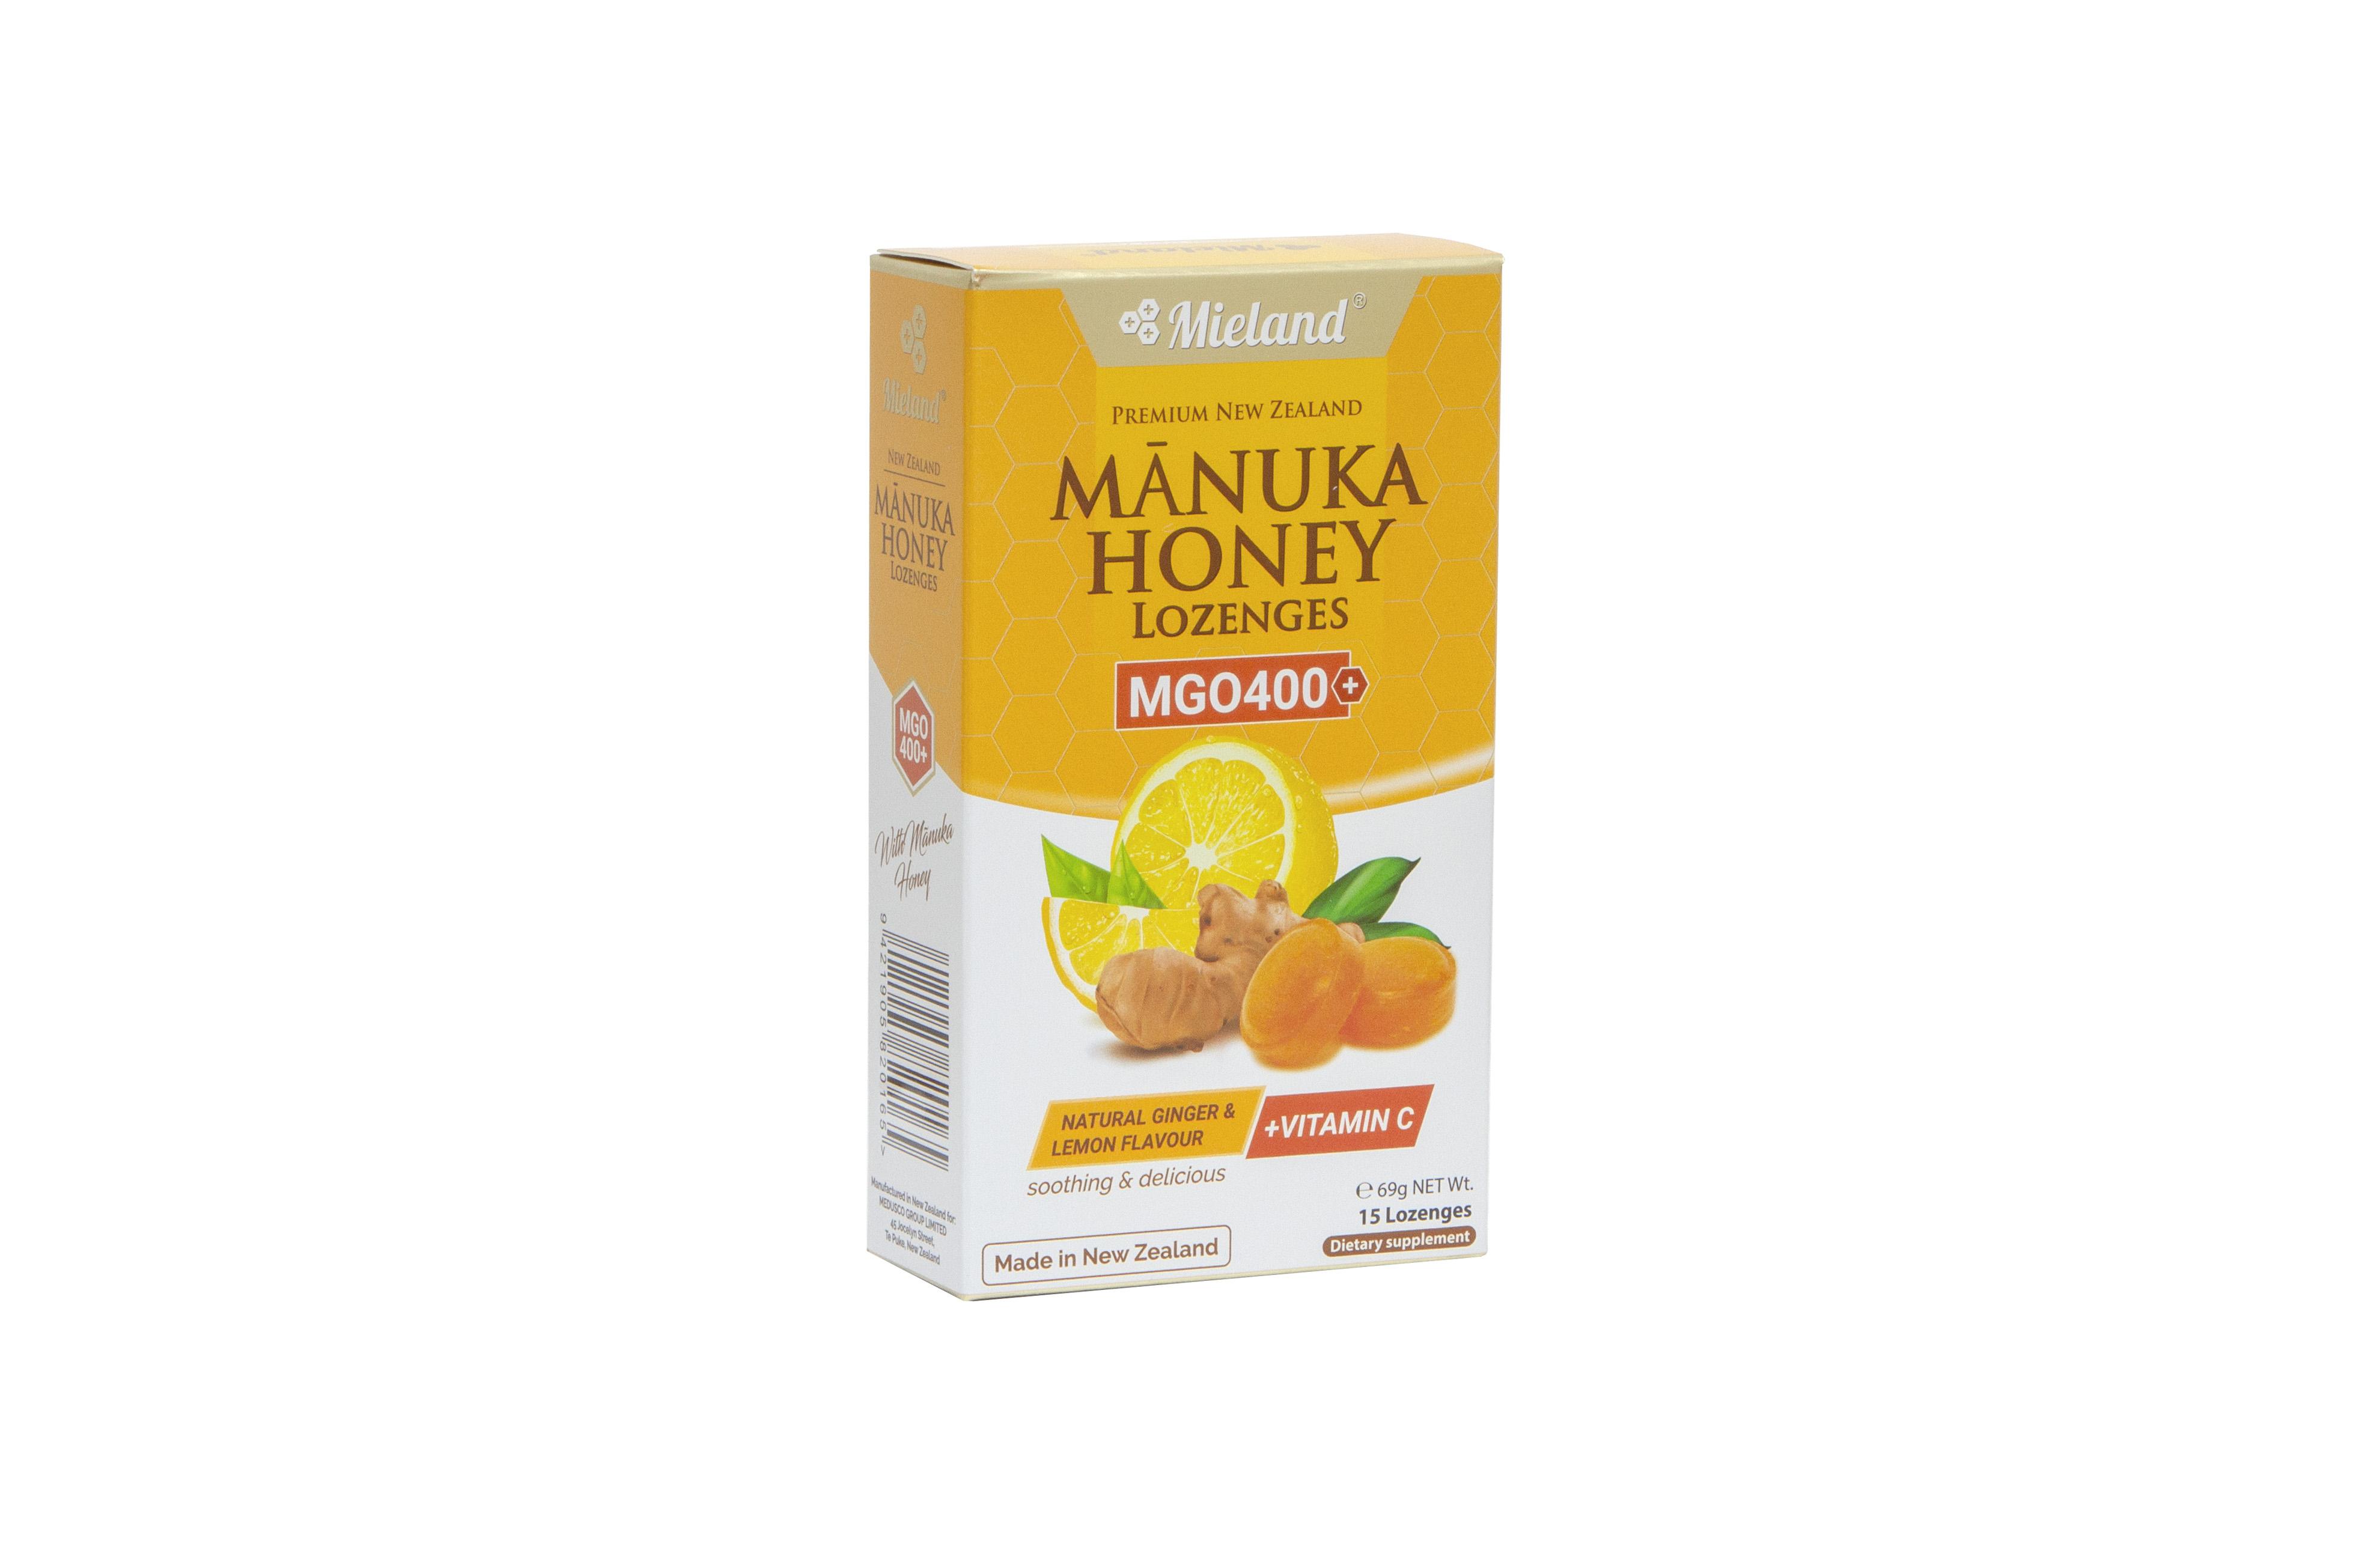 Manuka Honey Lozenges with Ginger & Lemon flavour